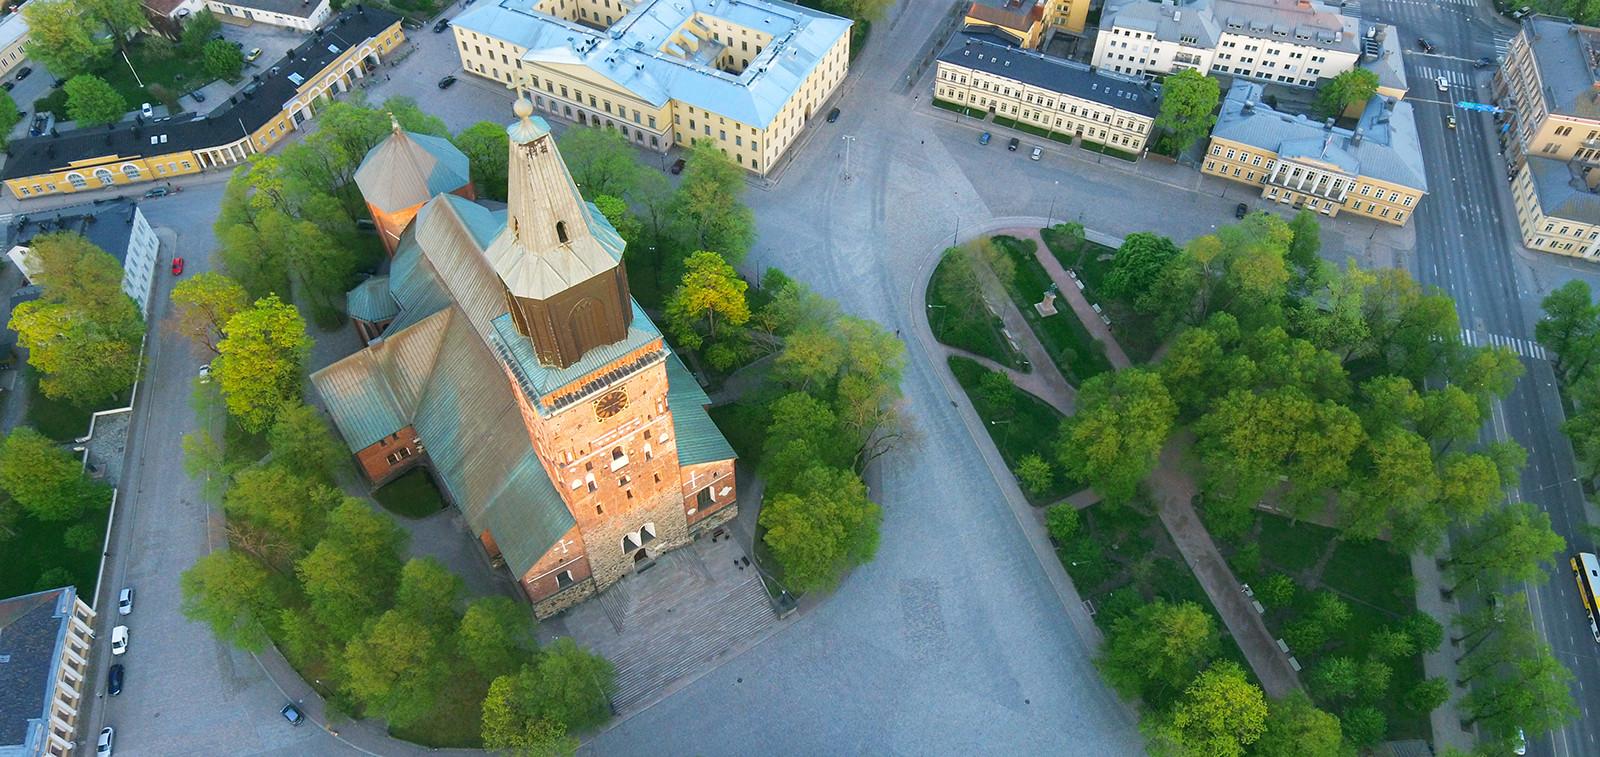 Turun tuomiokirkko ja sen ympäristöä ilmasta kuvattuna.